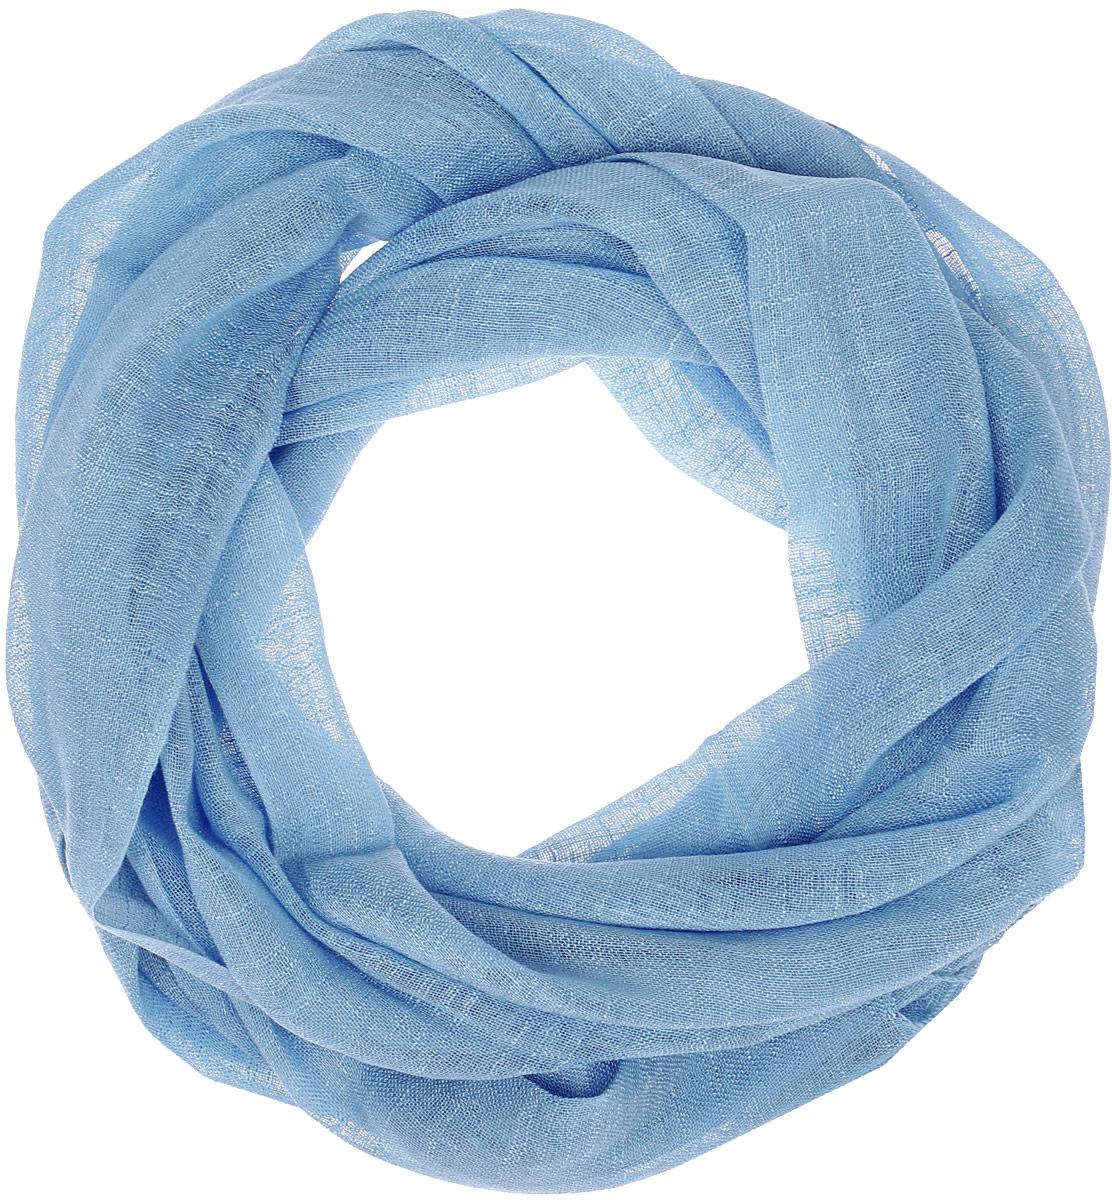 Палантин Vita Pelle, цвет: голубой. Ro02P135S/96. Размер 62 см х 175 смRo02P135S/96Палантин от Vita Pelle изготовлен изо льна и вискозы. Края изделия дополнены бахромой.